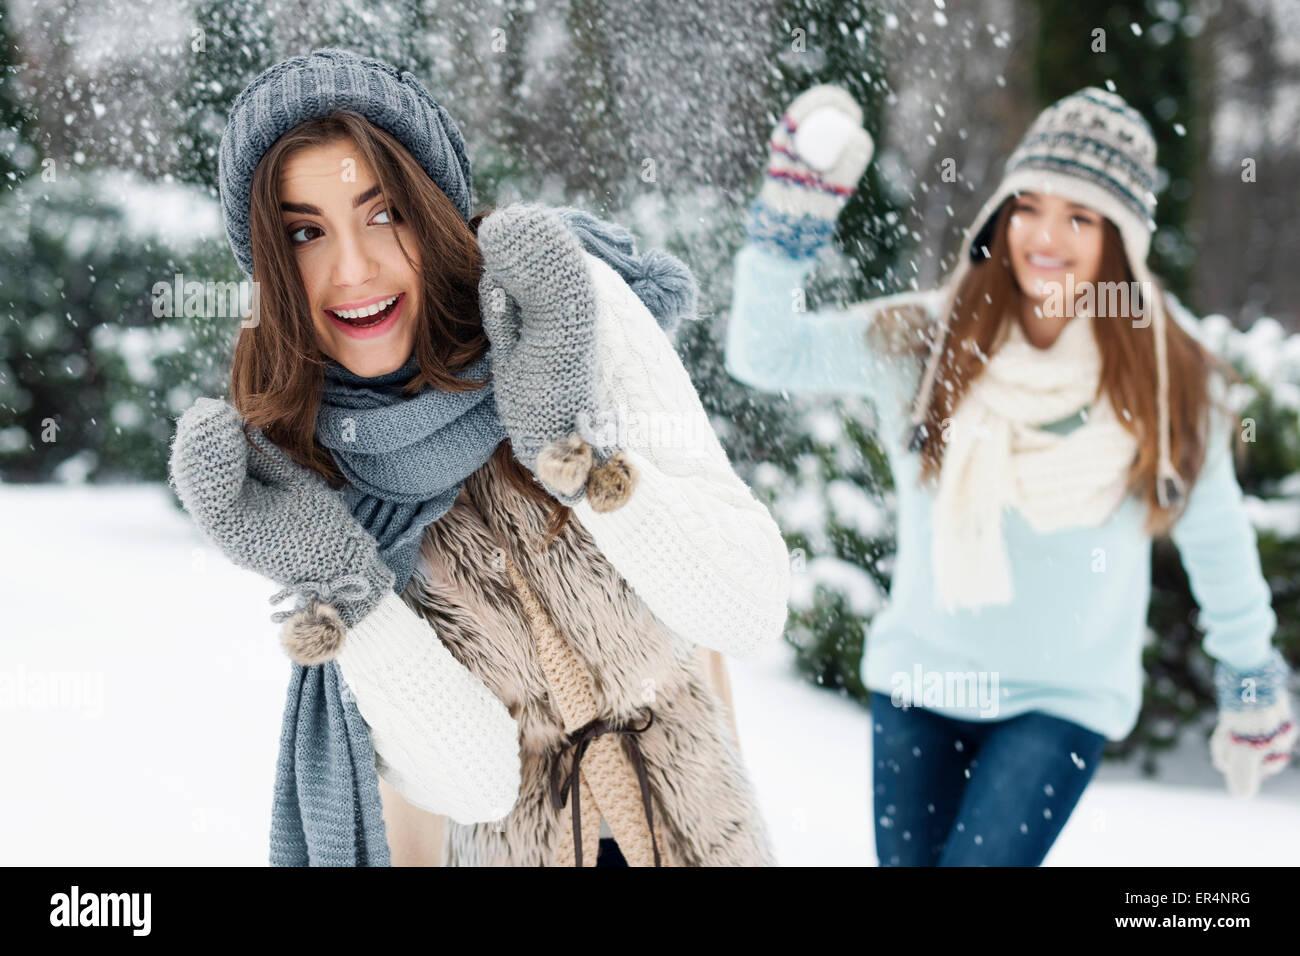 Le giovani donne hanno divertimento durante la lotta con le palle di neve. Debica, Polonia Immagini Stock